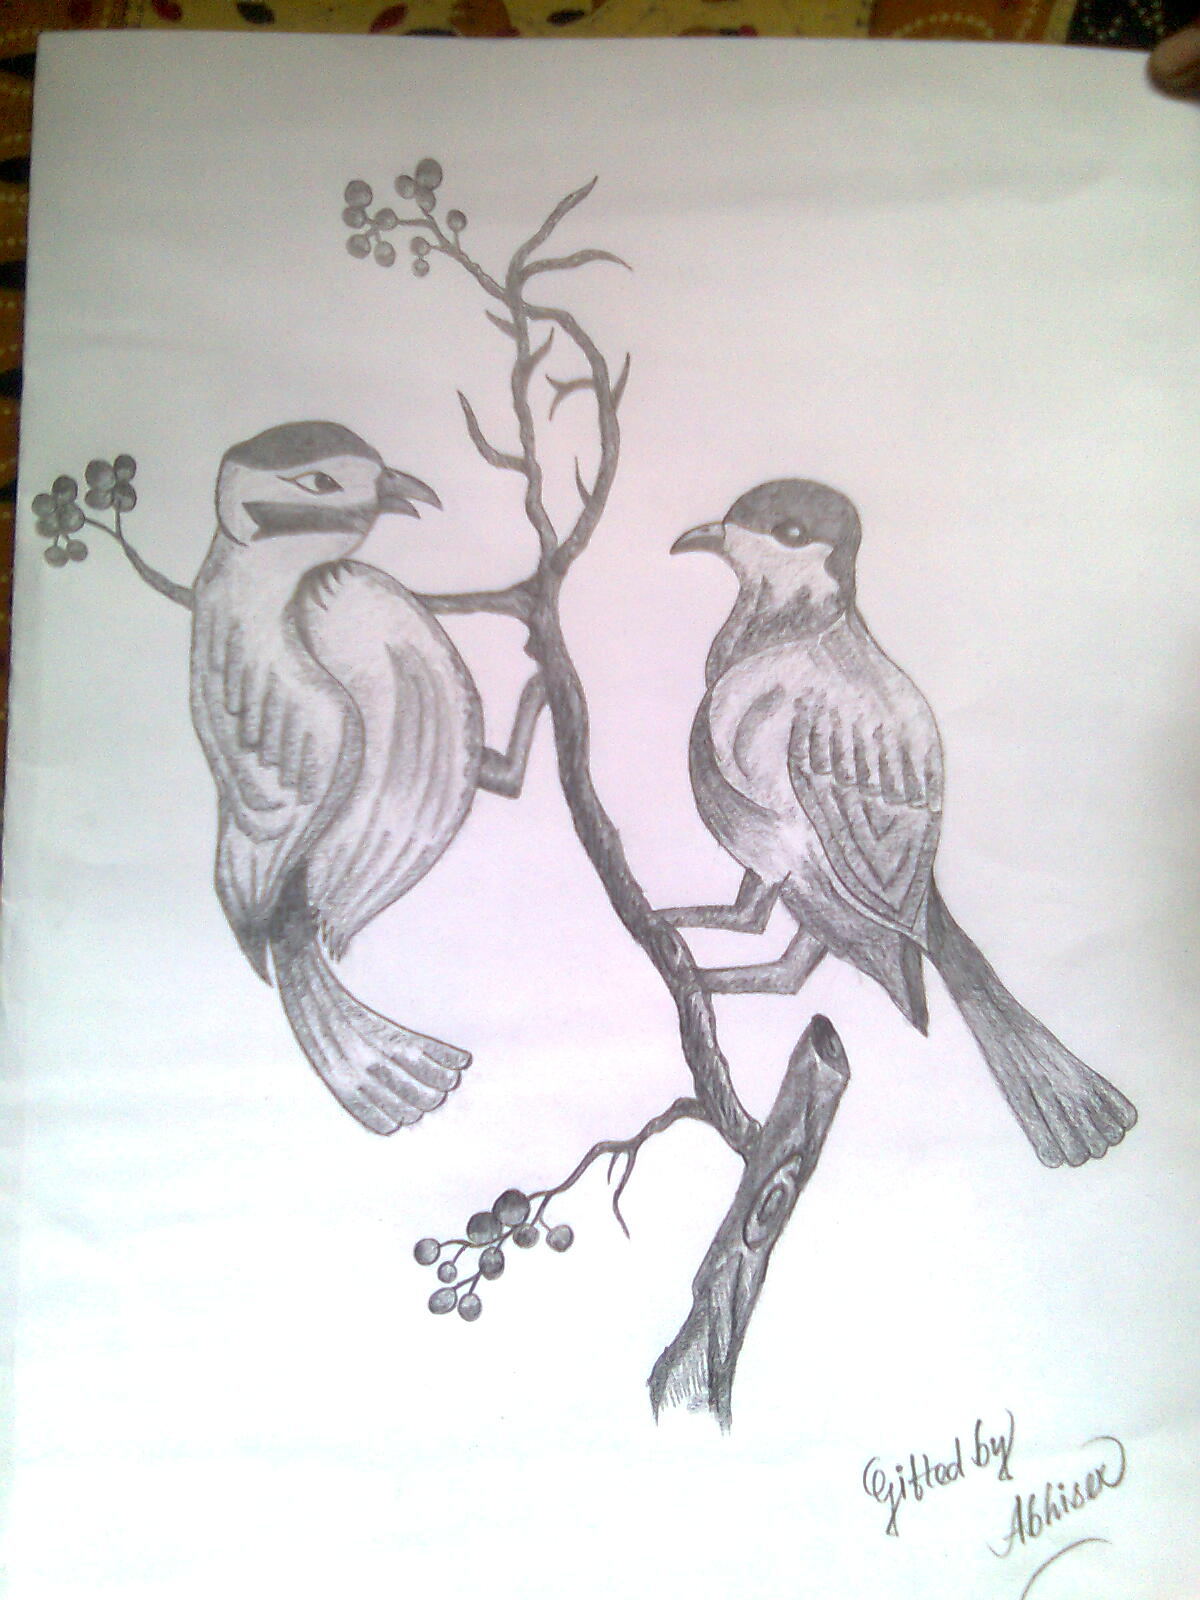 1200x1600 pencil sketch drawing of love pencil sketch of love birds